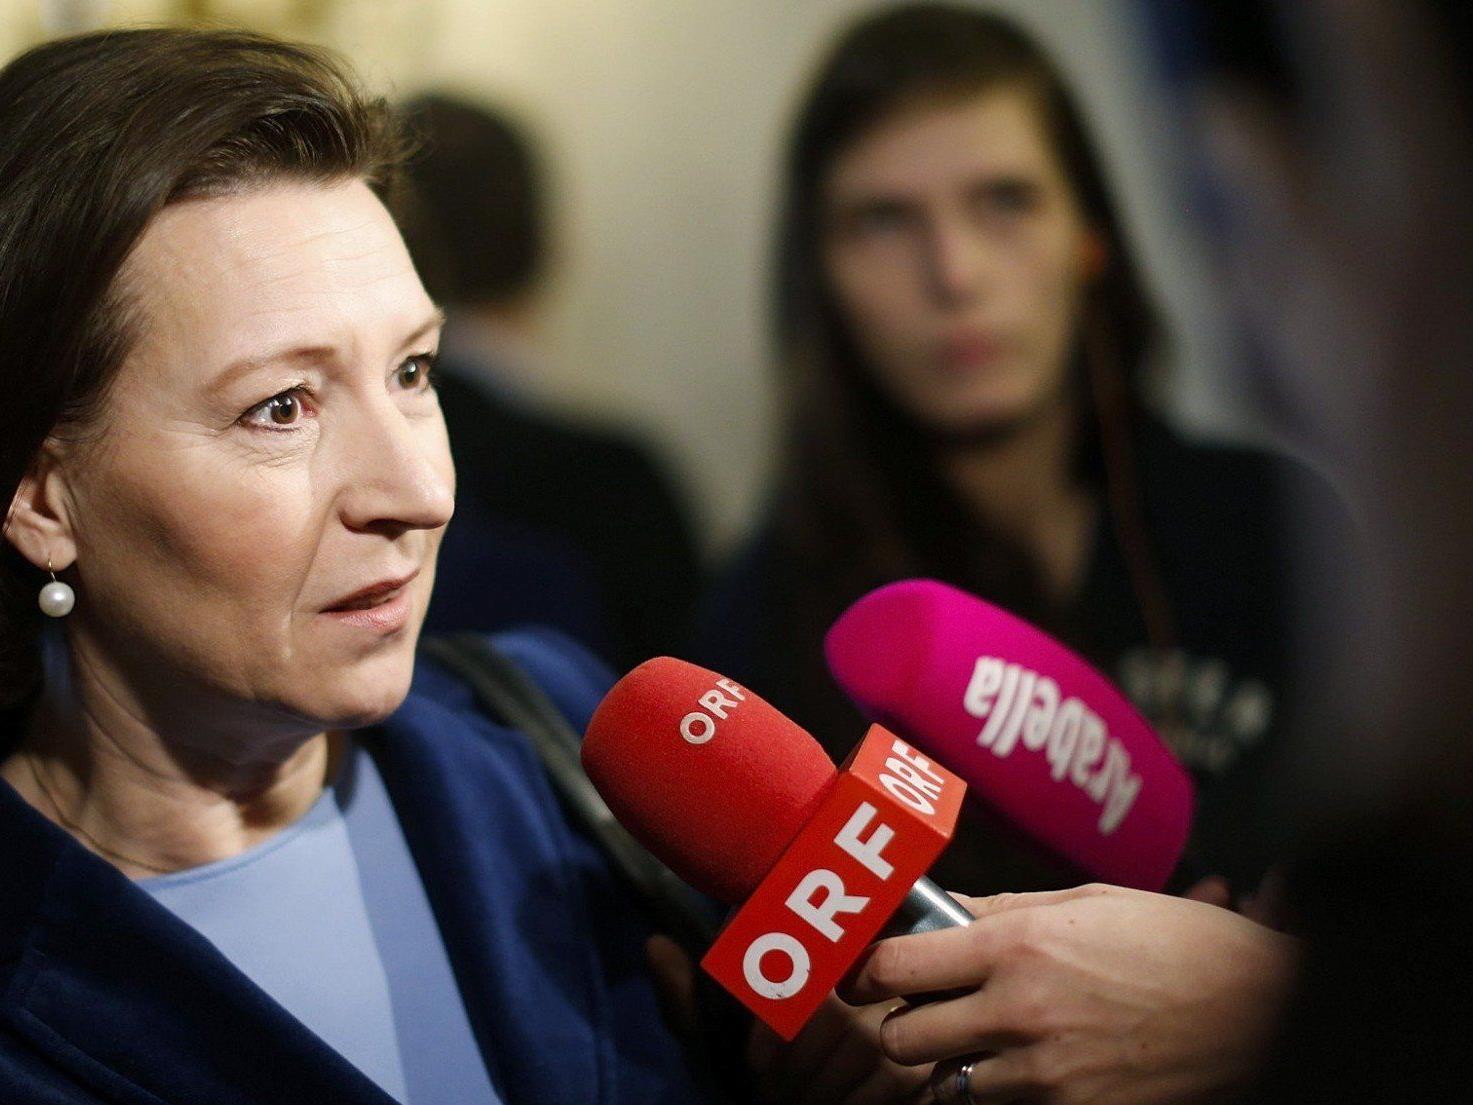 Ministerin Heinisch-Hosek steht im Imagefilm der SPÖ im Mittelpunkt.